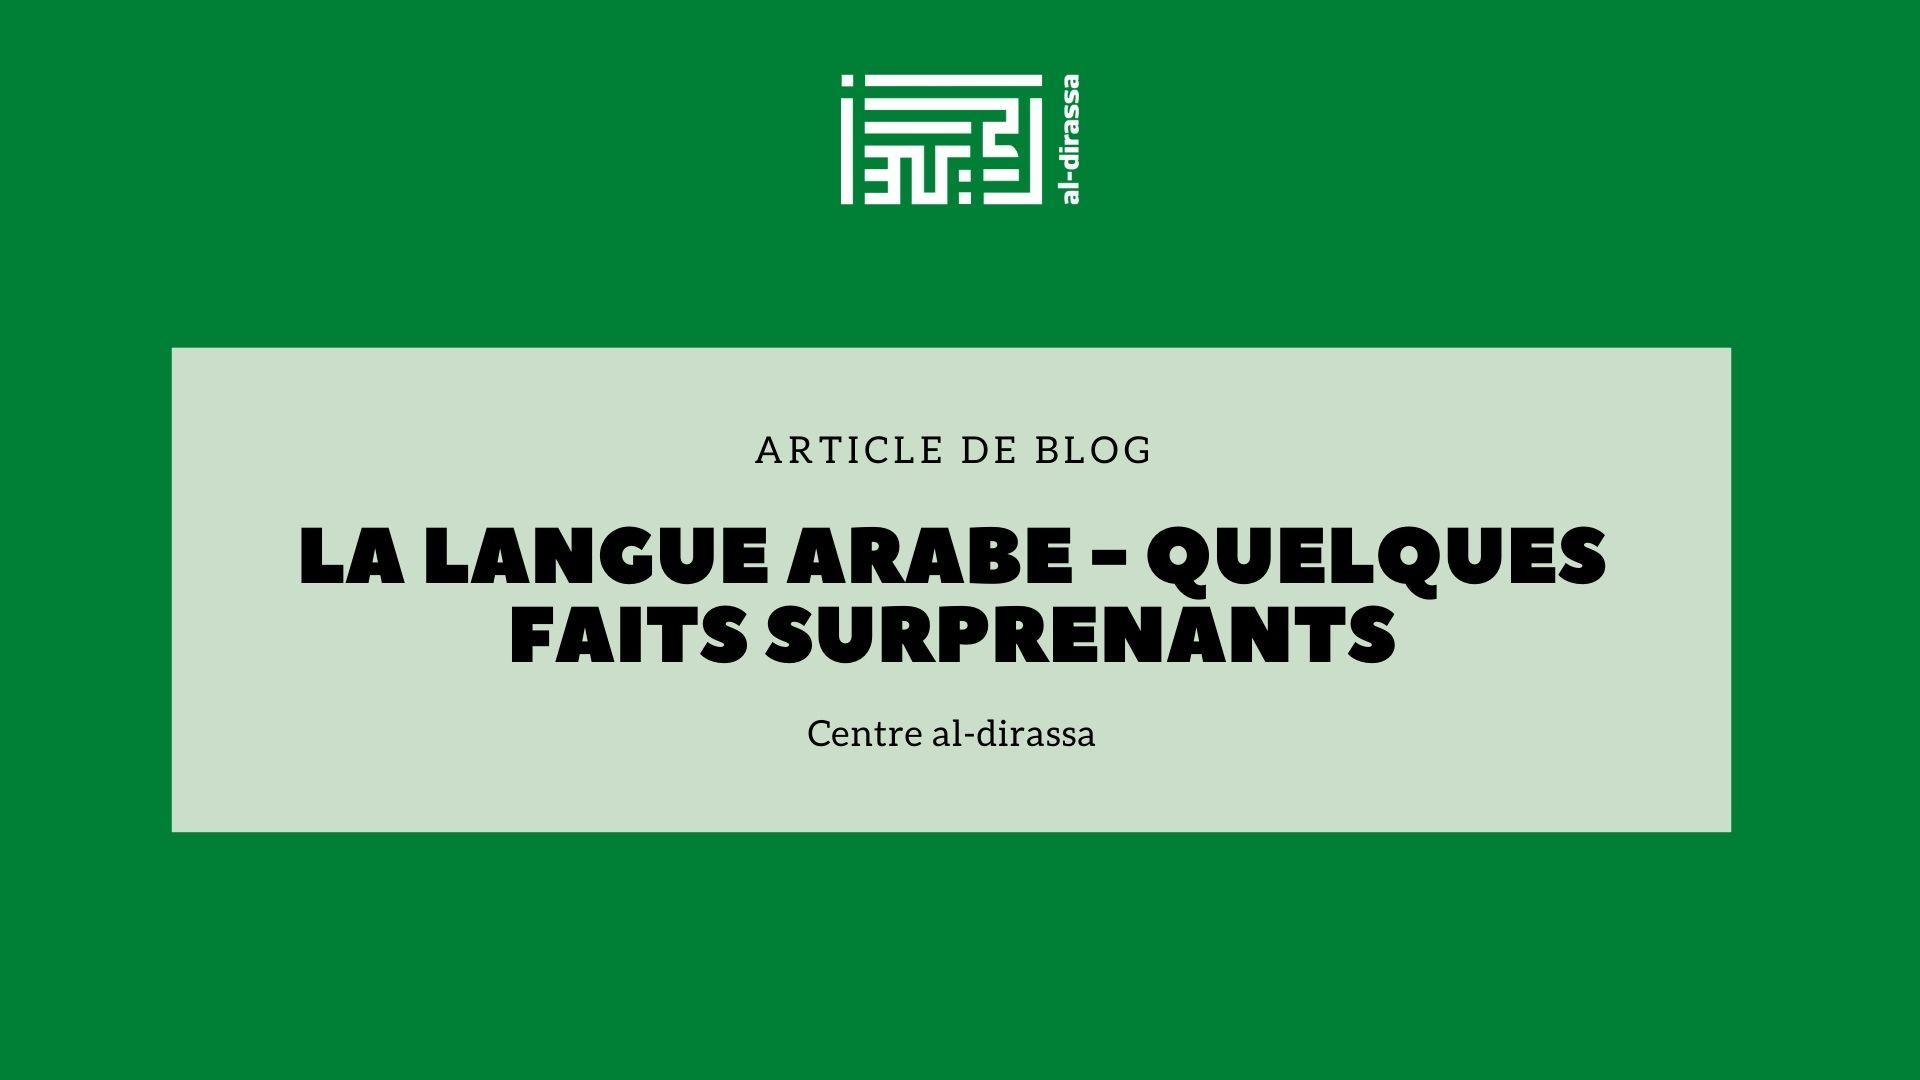 La langue arabe - quelques faits surprenants